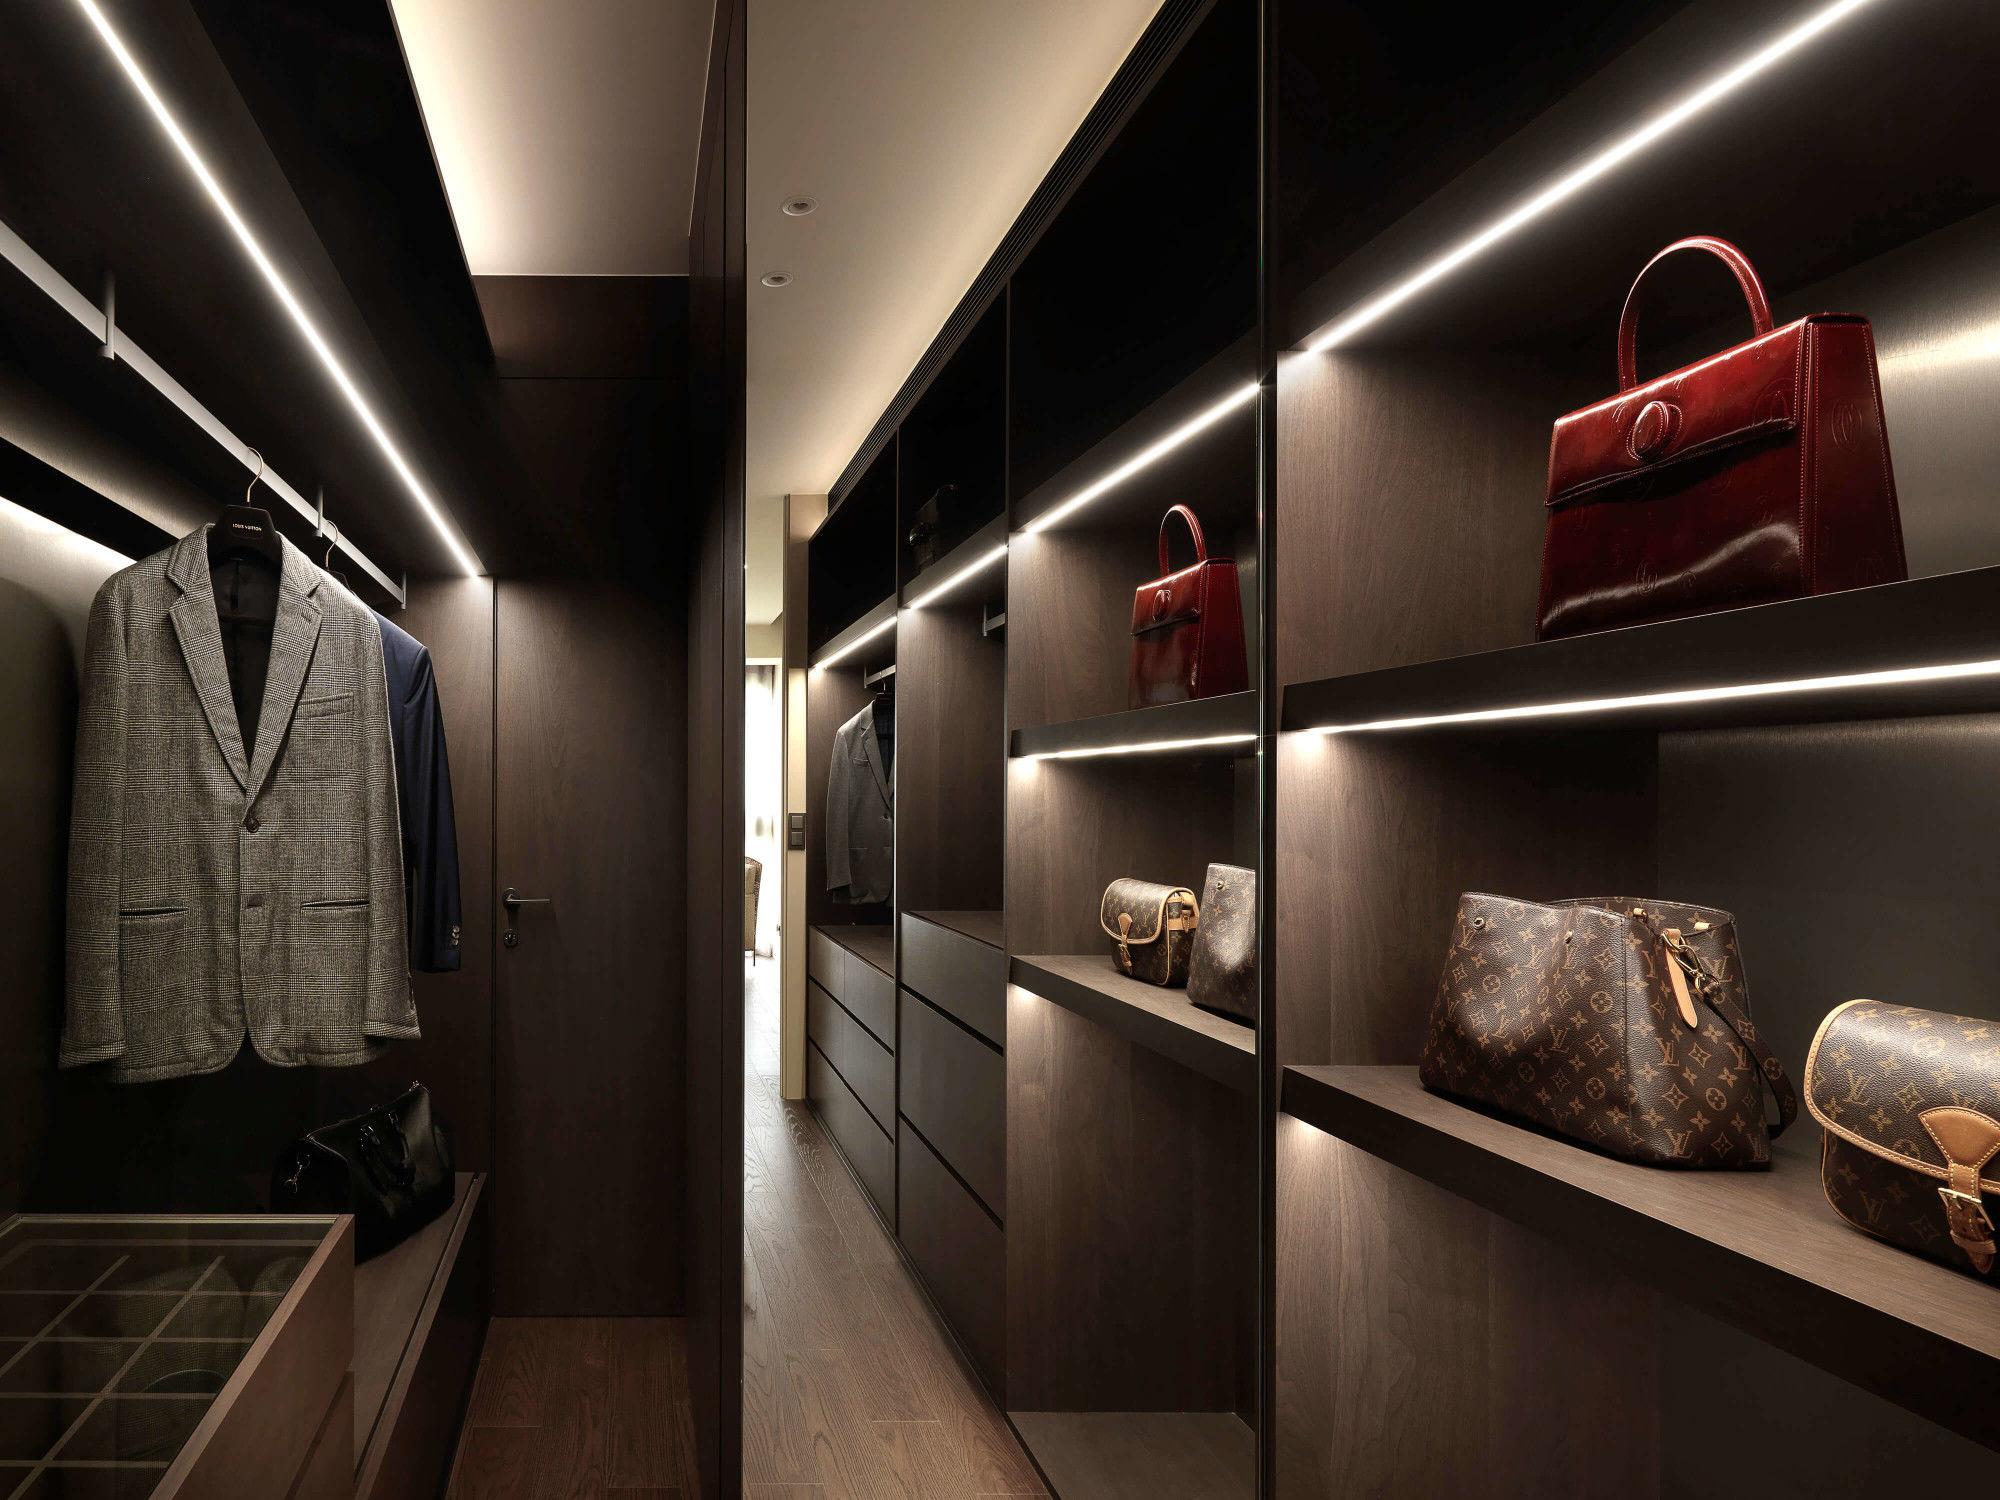 分子室內裝修設計-台中七期現代風格-獨立更衣間、精品店抽拉格